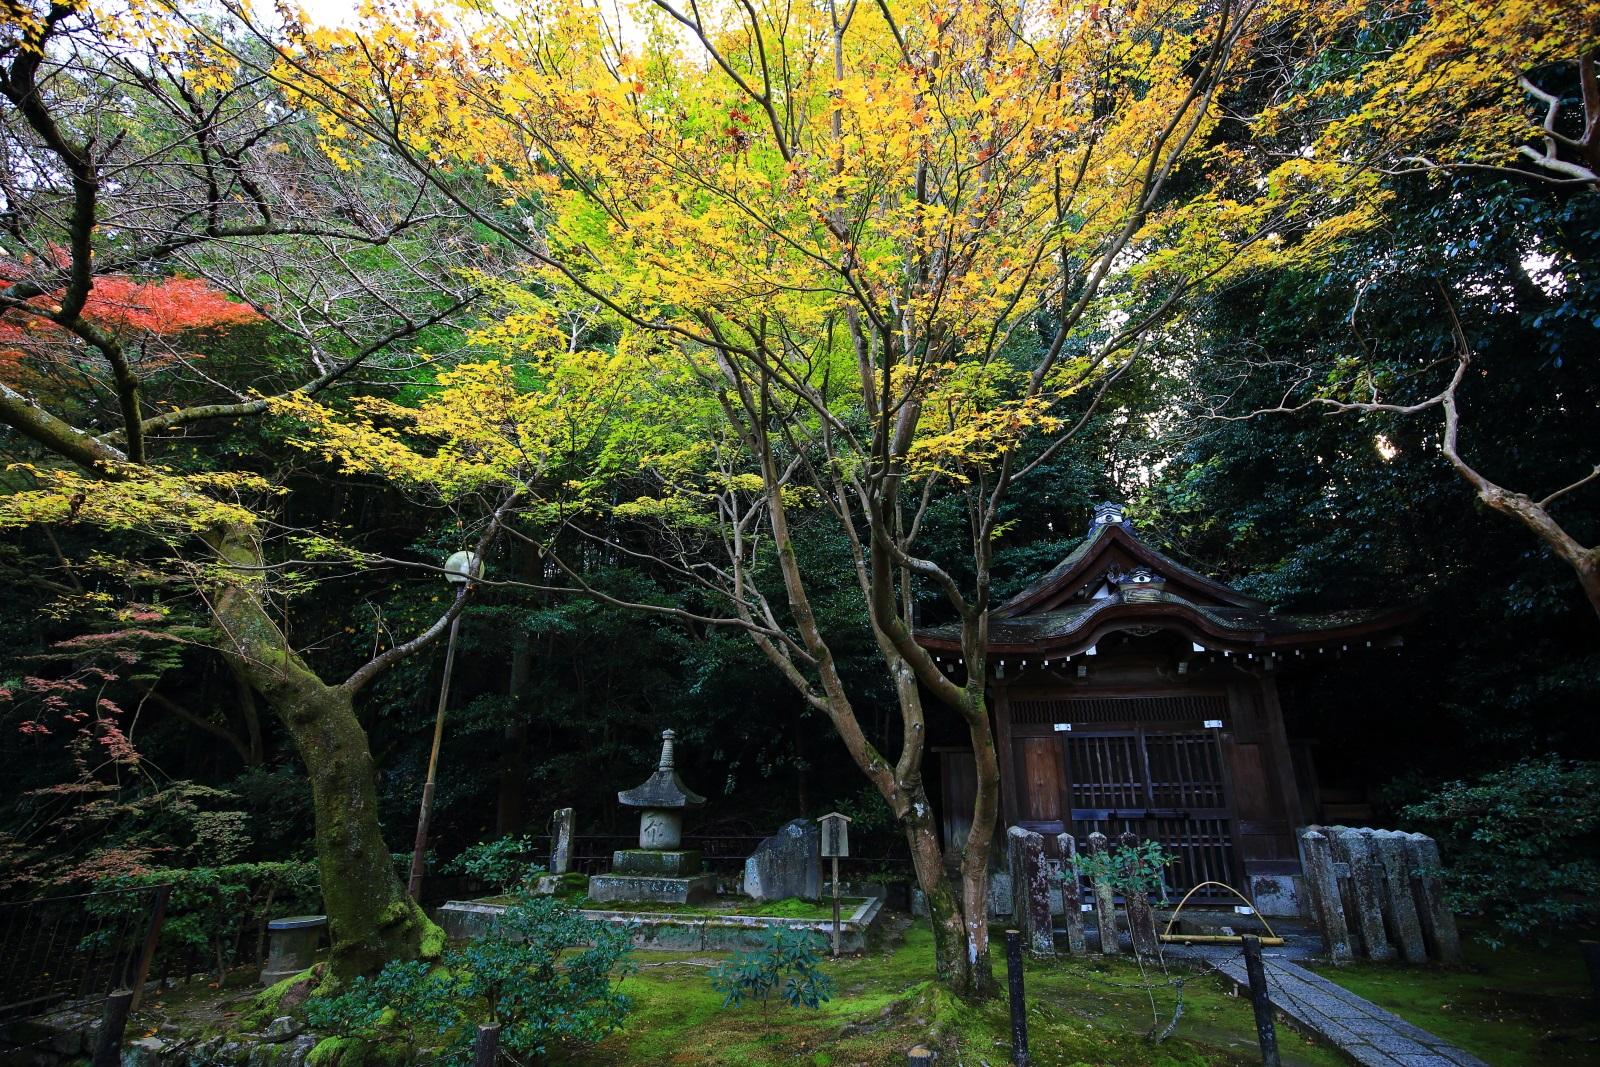 泉涌寺の寺名の由来となった泉涌水屋形と淡い紅葉